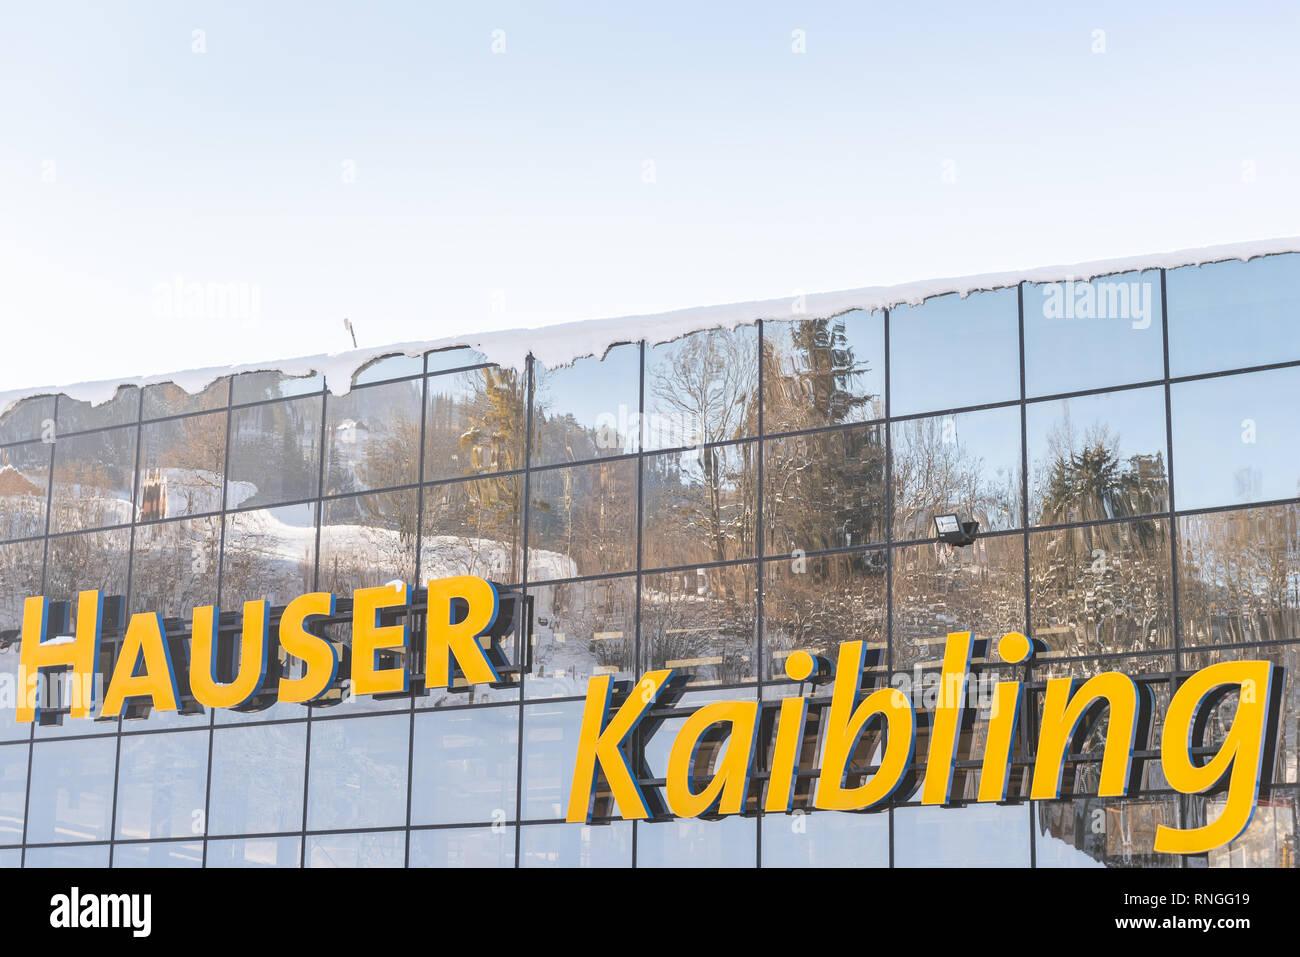 Skigebiet Hauser Kaibling in Österreich Top Skigebiete: 44 Lifte, 123 km Pisten, Parkplatz, Schladminger 4-Berge miteinander verbunden Stockfoto